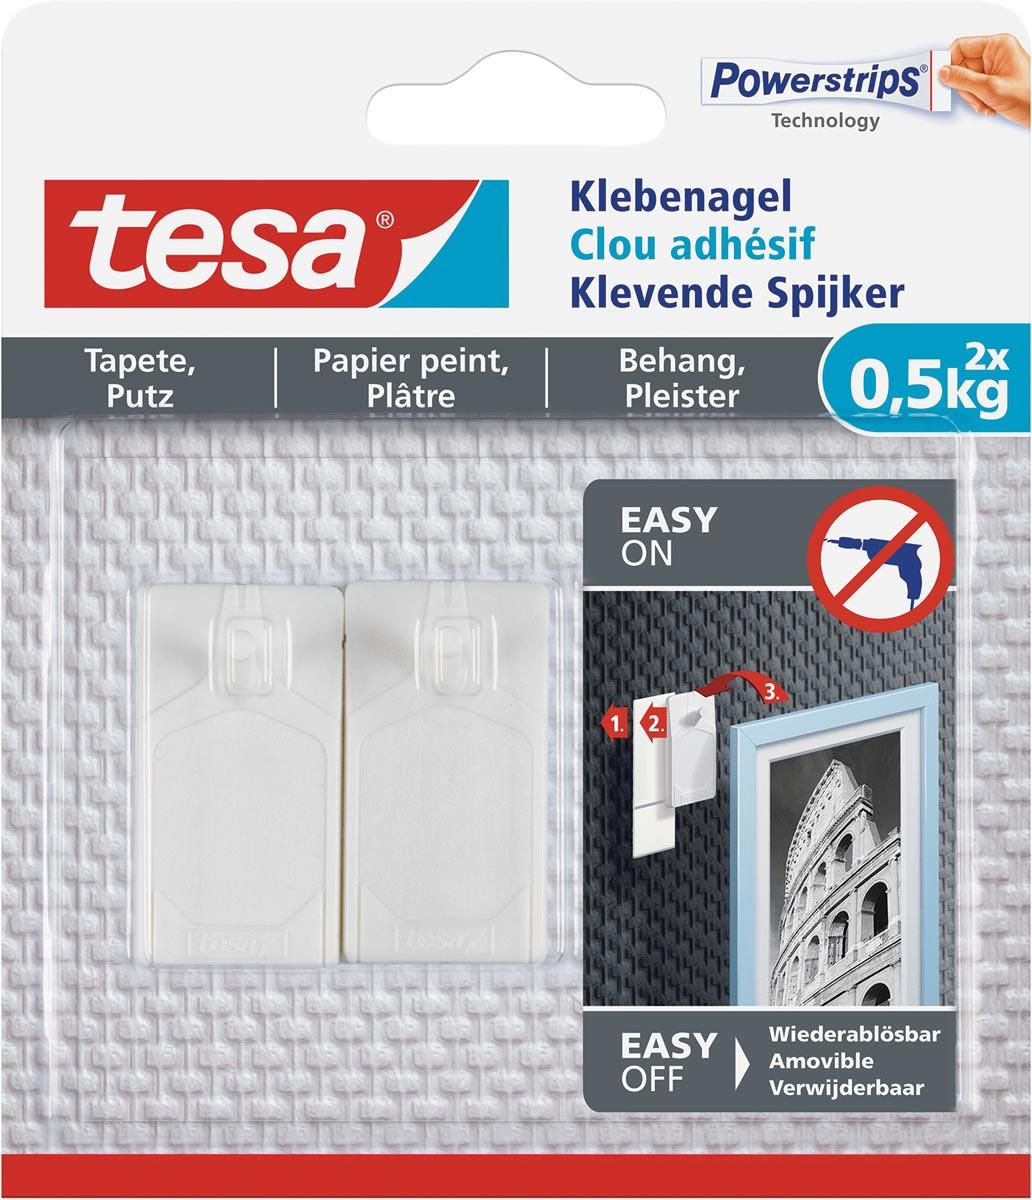 Tesa Klevende spijker voor Behang en Pleisterwerk, draagvermogen 500 gram, blister van 2 stuks